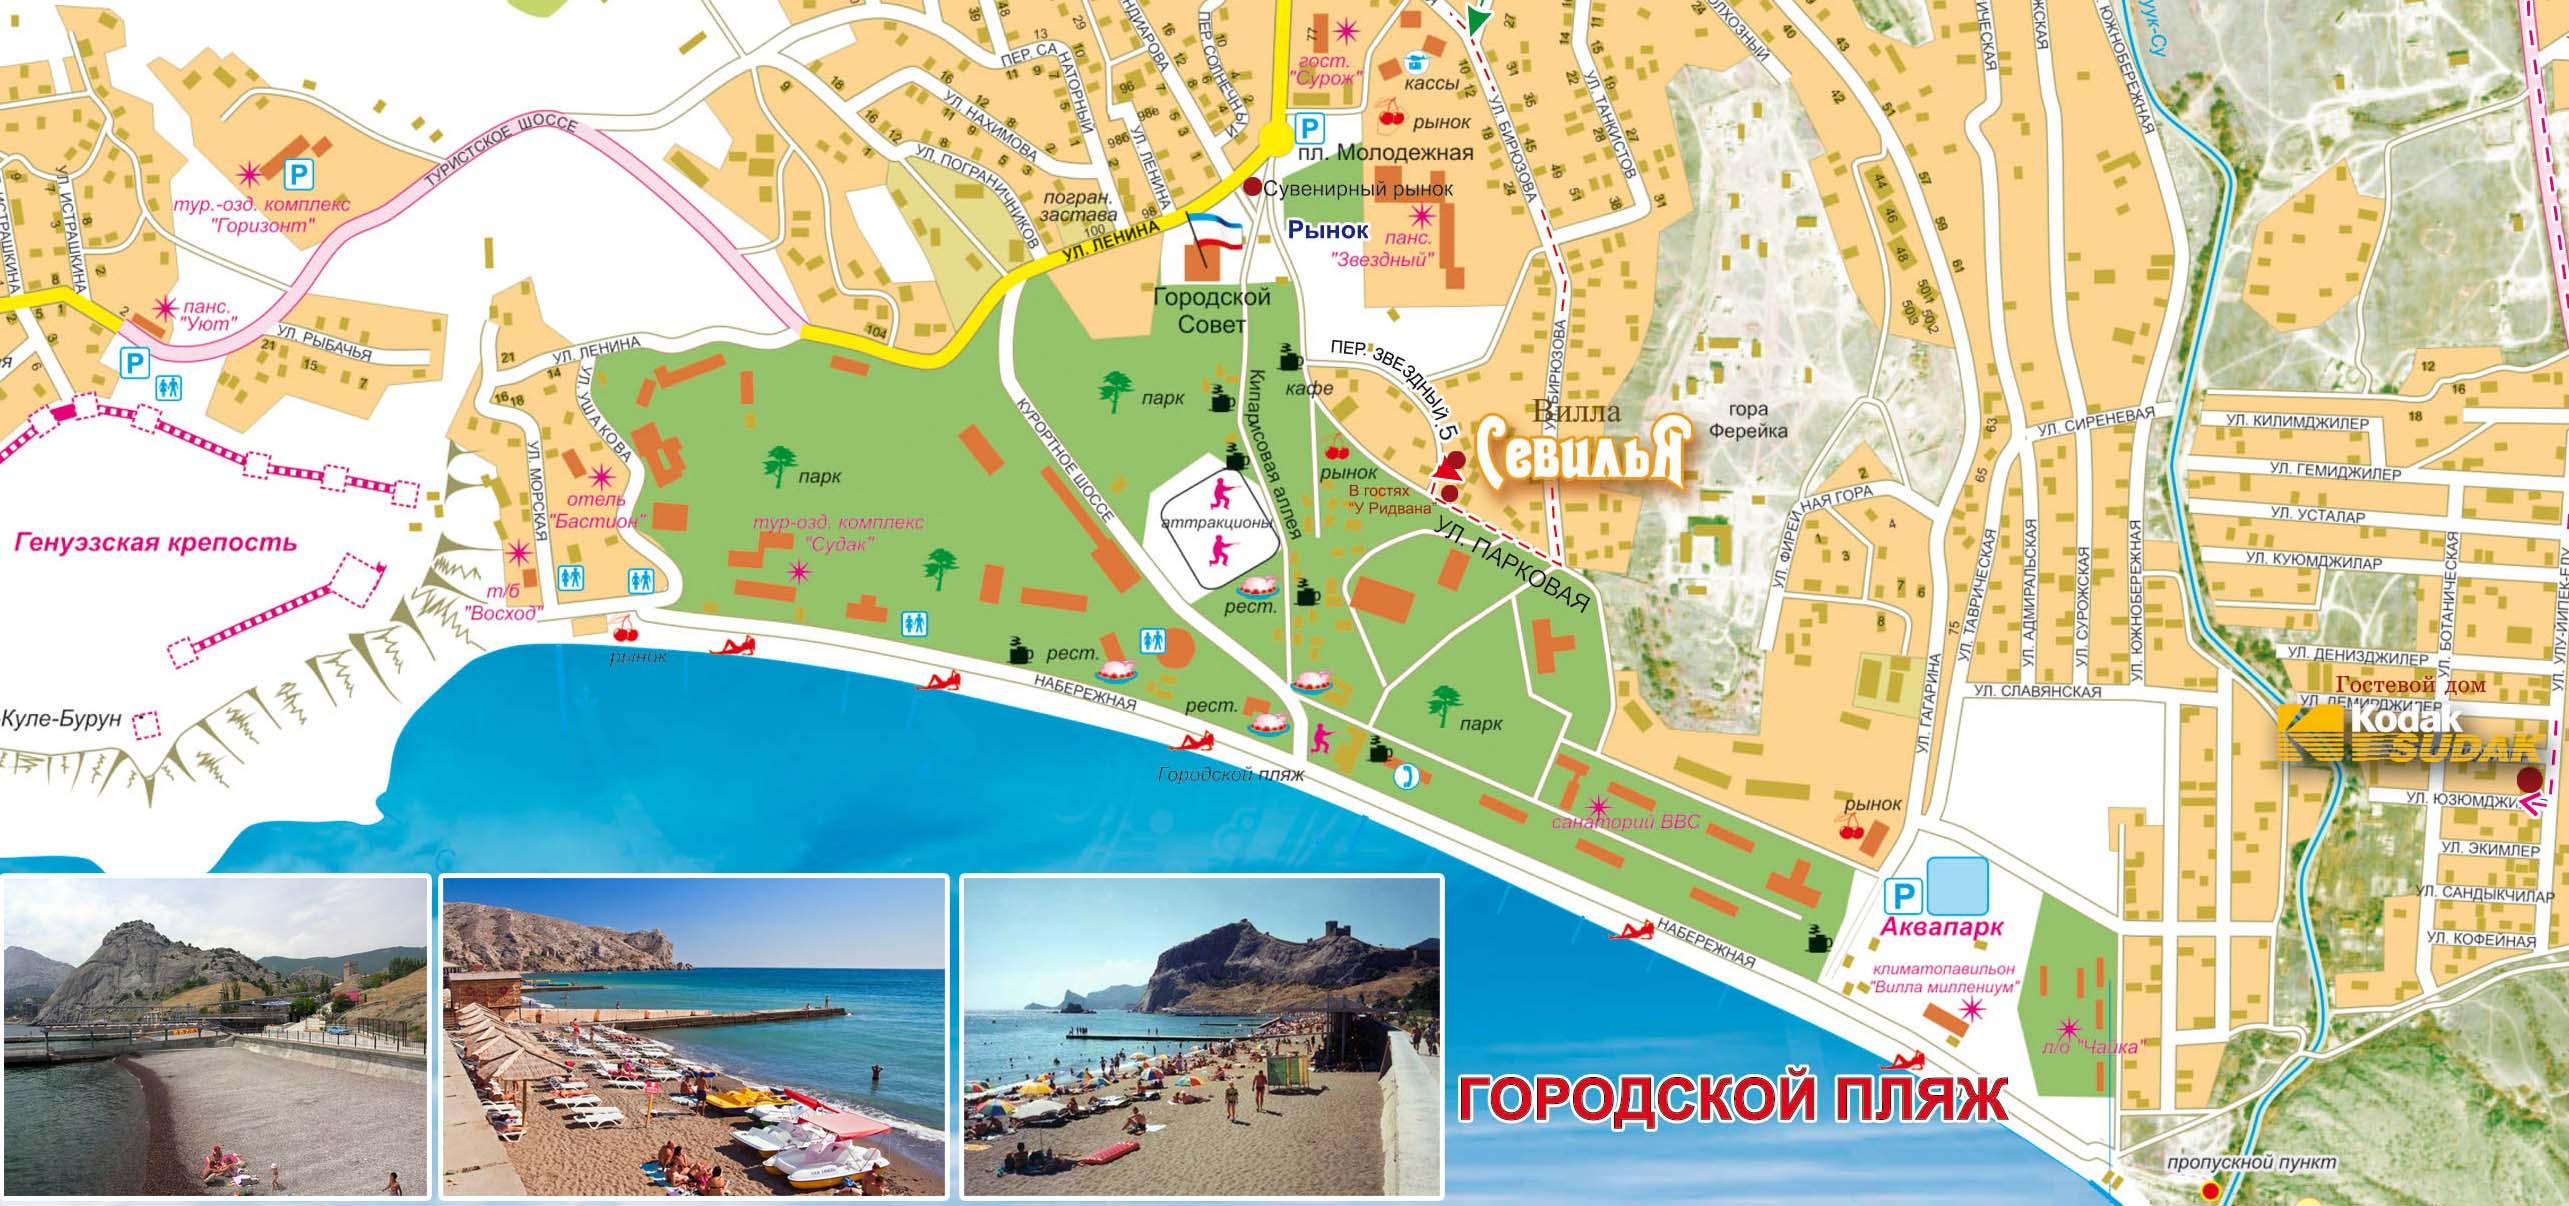 Эро рассказ в карты на пляже 14 фотография